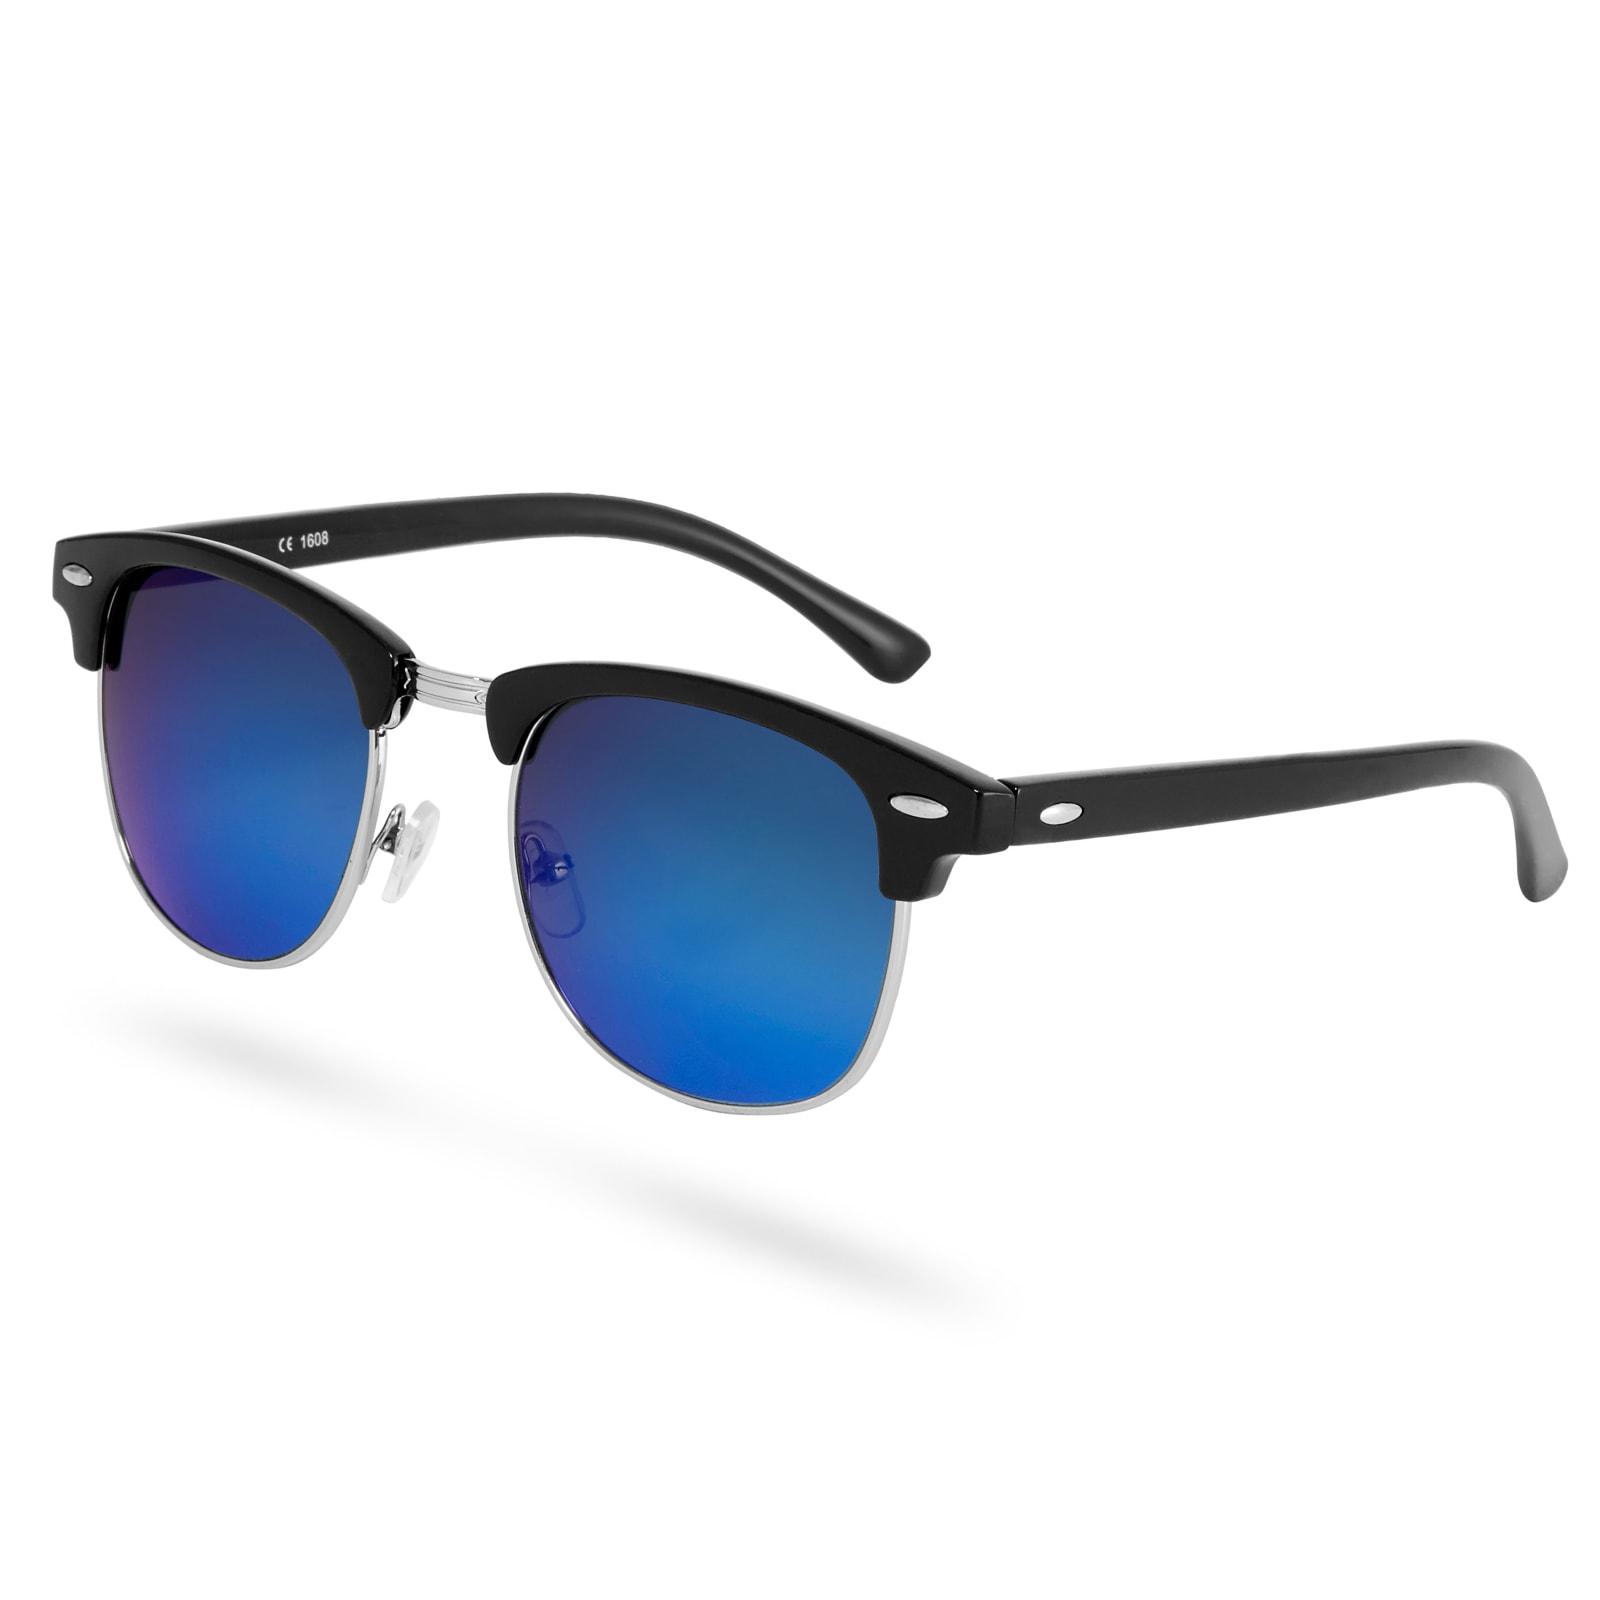 Paul Riley Fekete vastagított keretes napszemüveg kék tükrözött lencsékkel